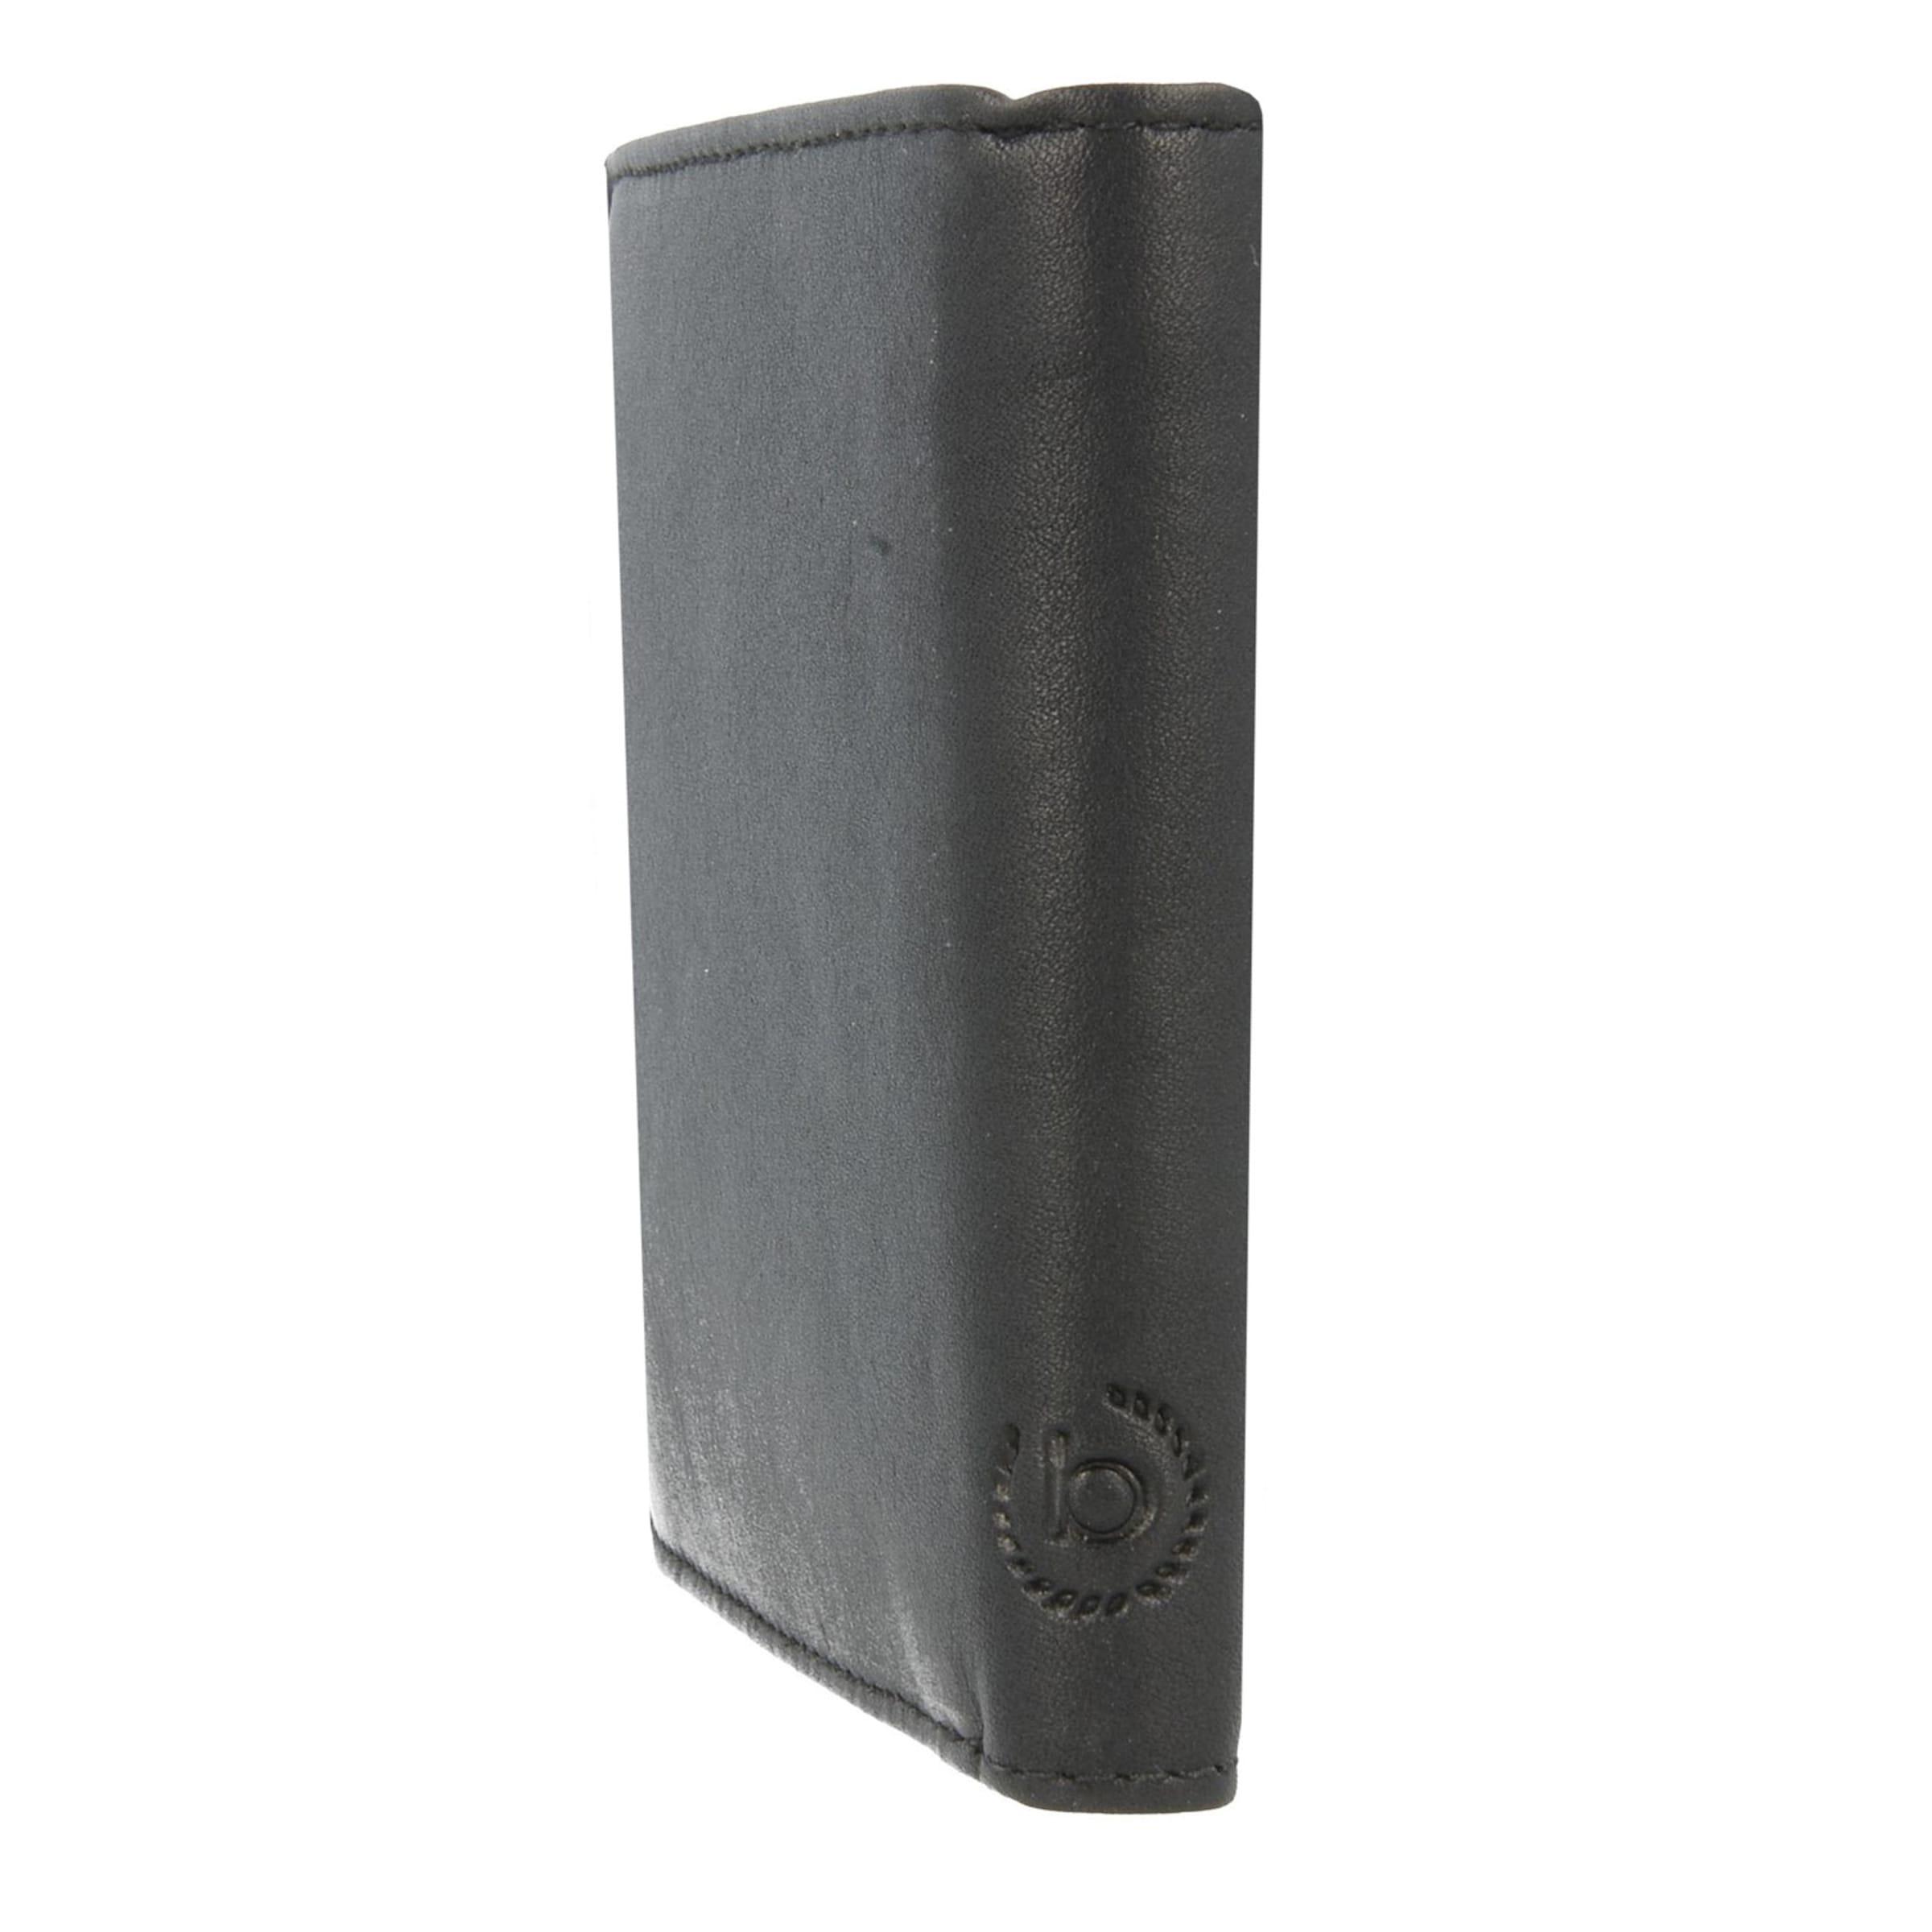 Porte monnaies En 'primo' Bugatti Noir TJFl1cK